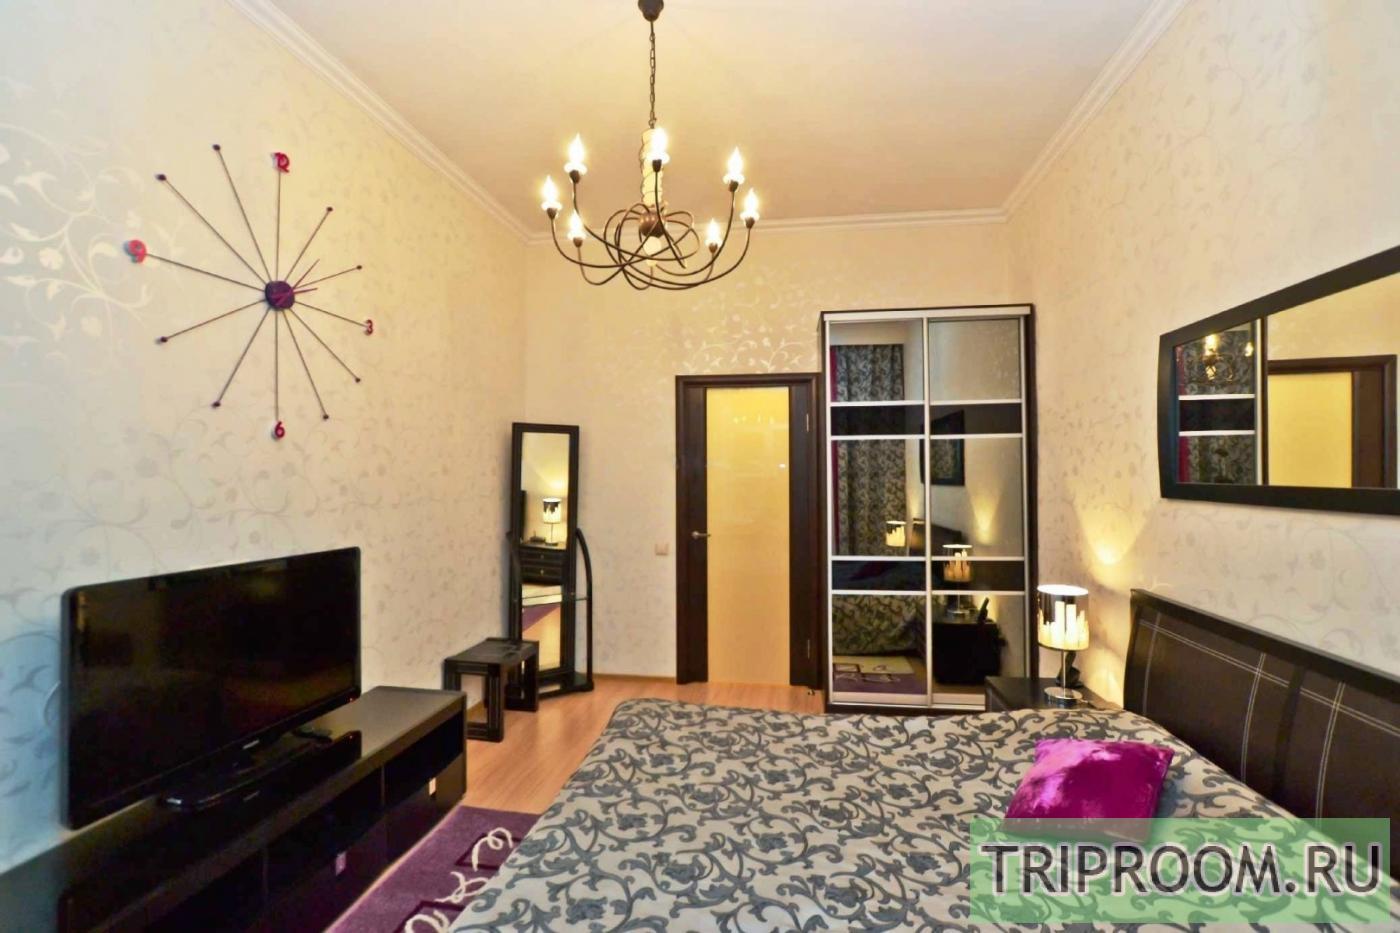 1-комнатная квартира посуточно (вариант № 22745), ул. Союзная улица, фото № 3